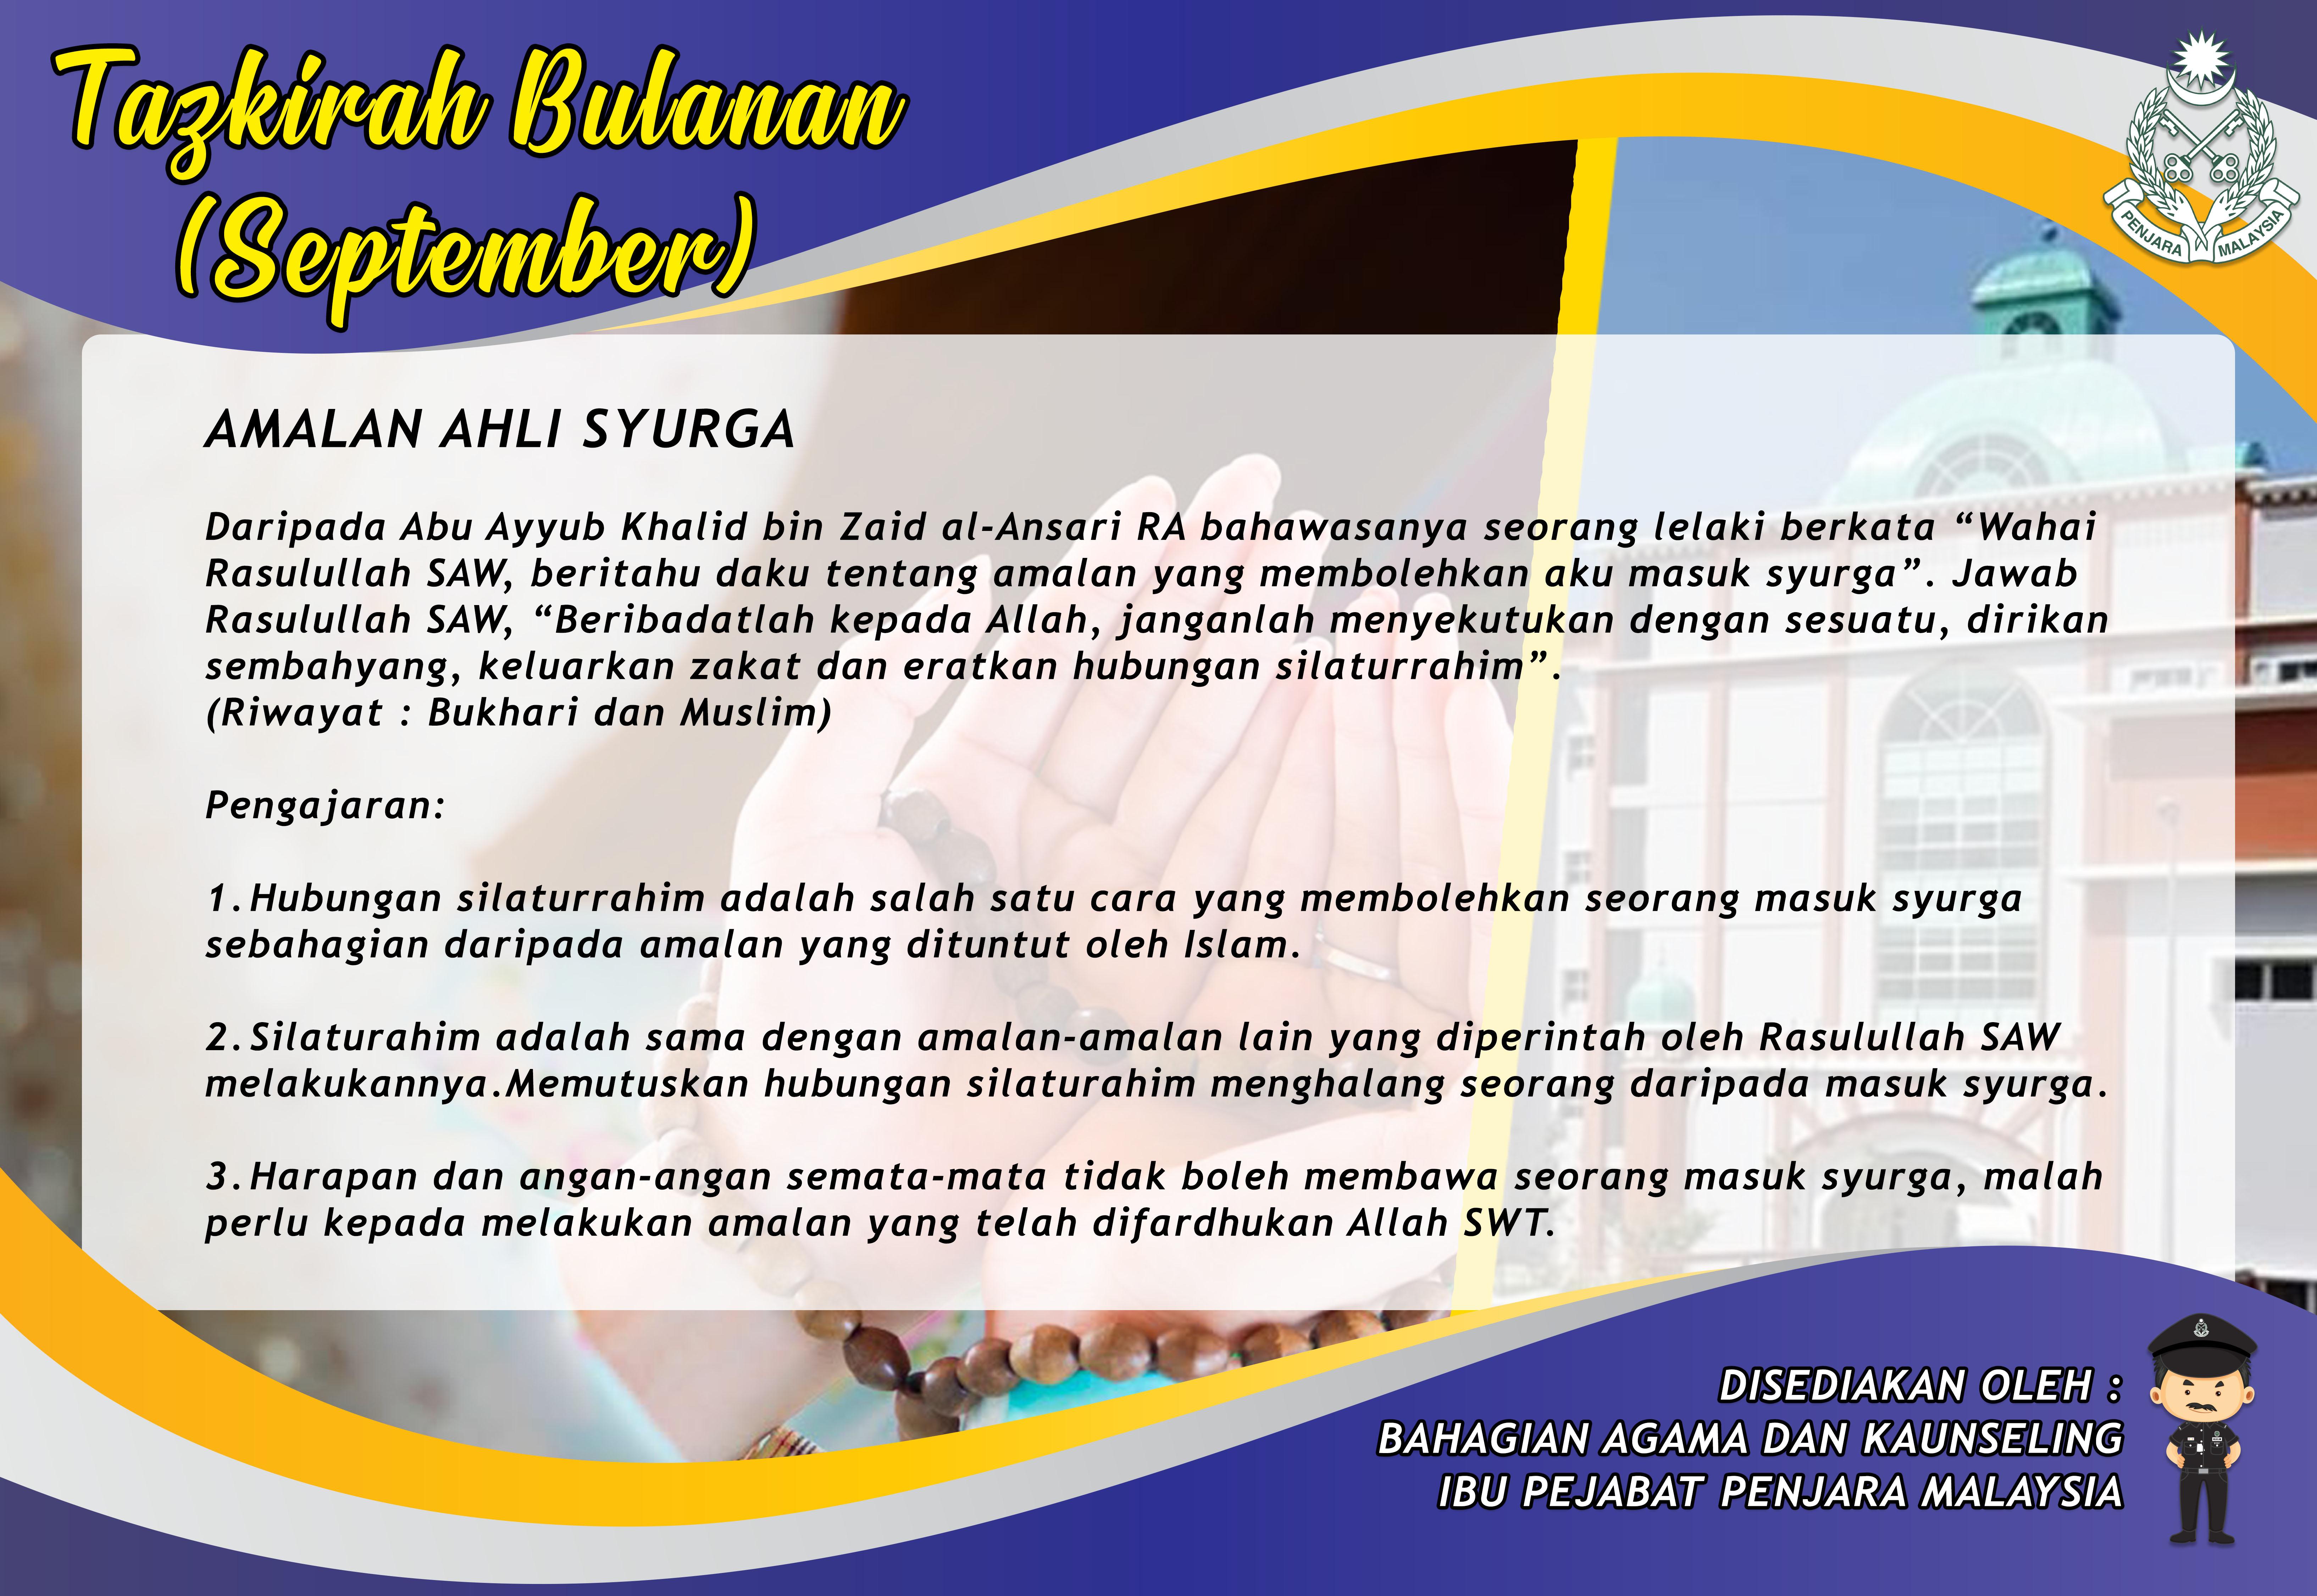 Portal Rasmi Jabatan Penjara Malaysia